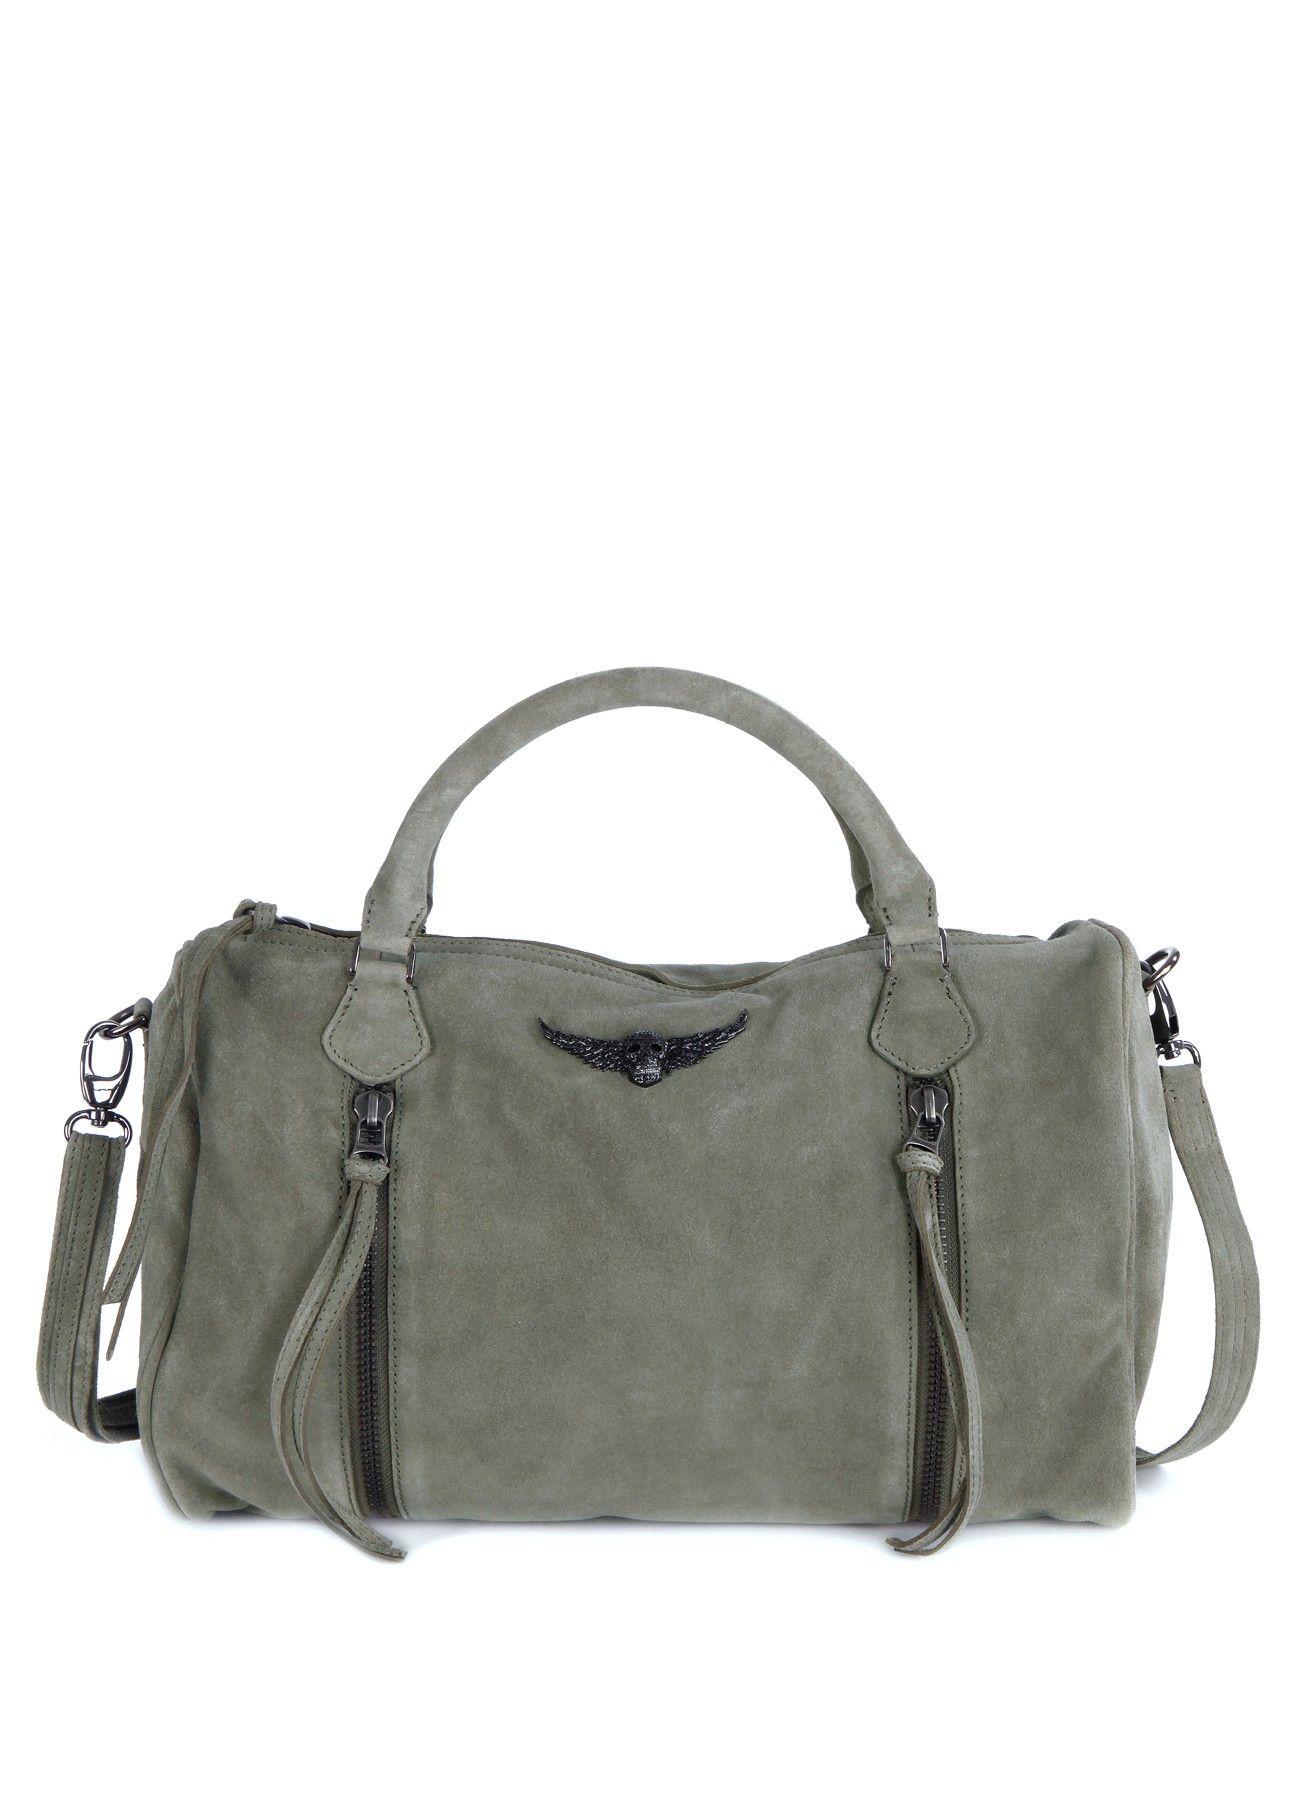 Connu SAC SUNNY DAIM | Bags | Pinterest | Daim, Sac et Zadig YN37